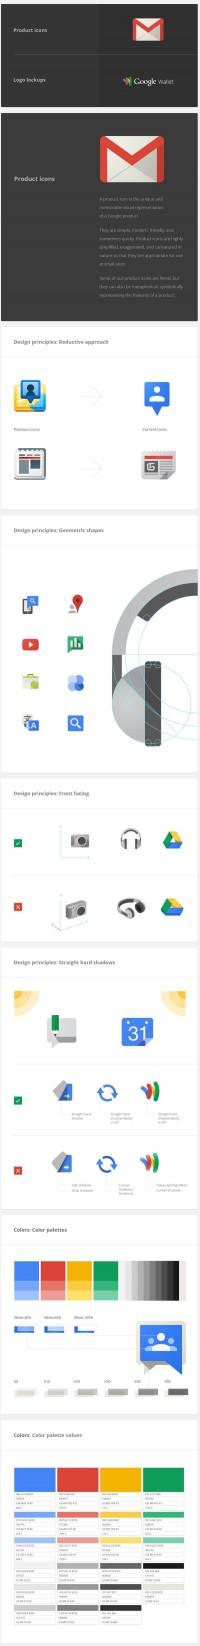 Design Inspiration: Google Visual Assets Guidelines - Part 1 - Designer First